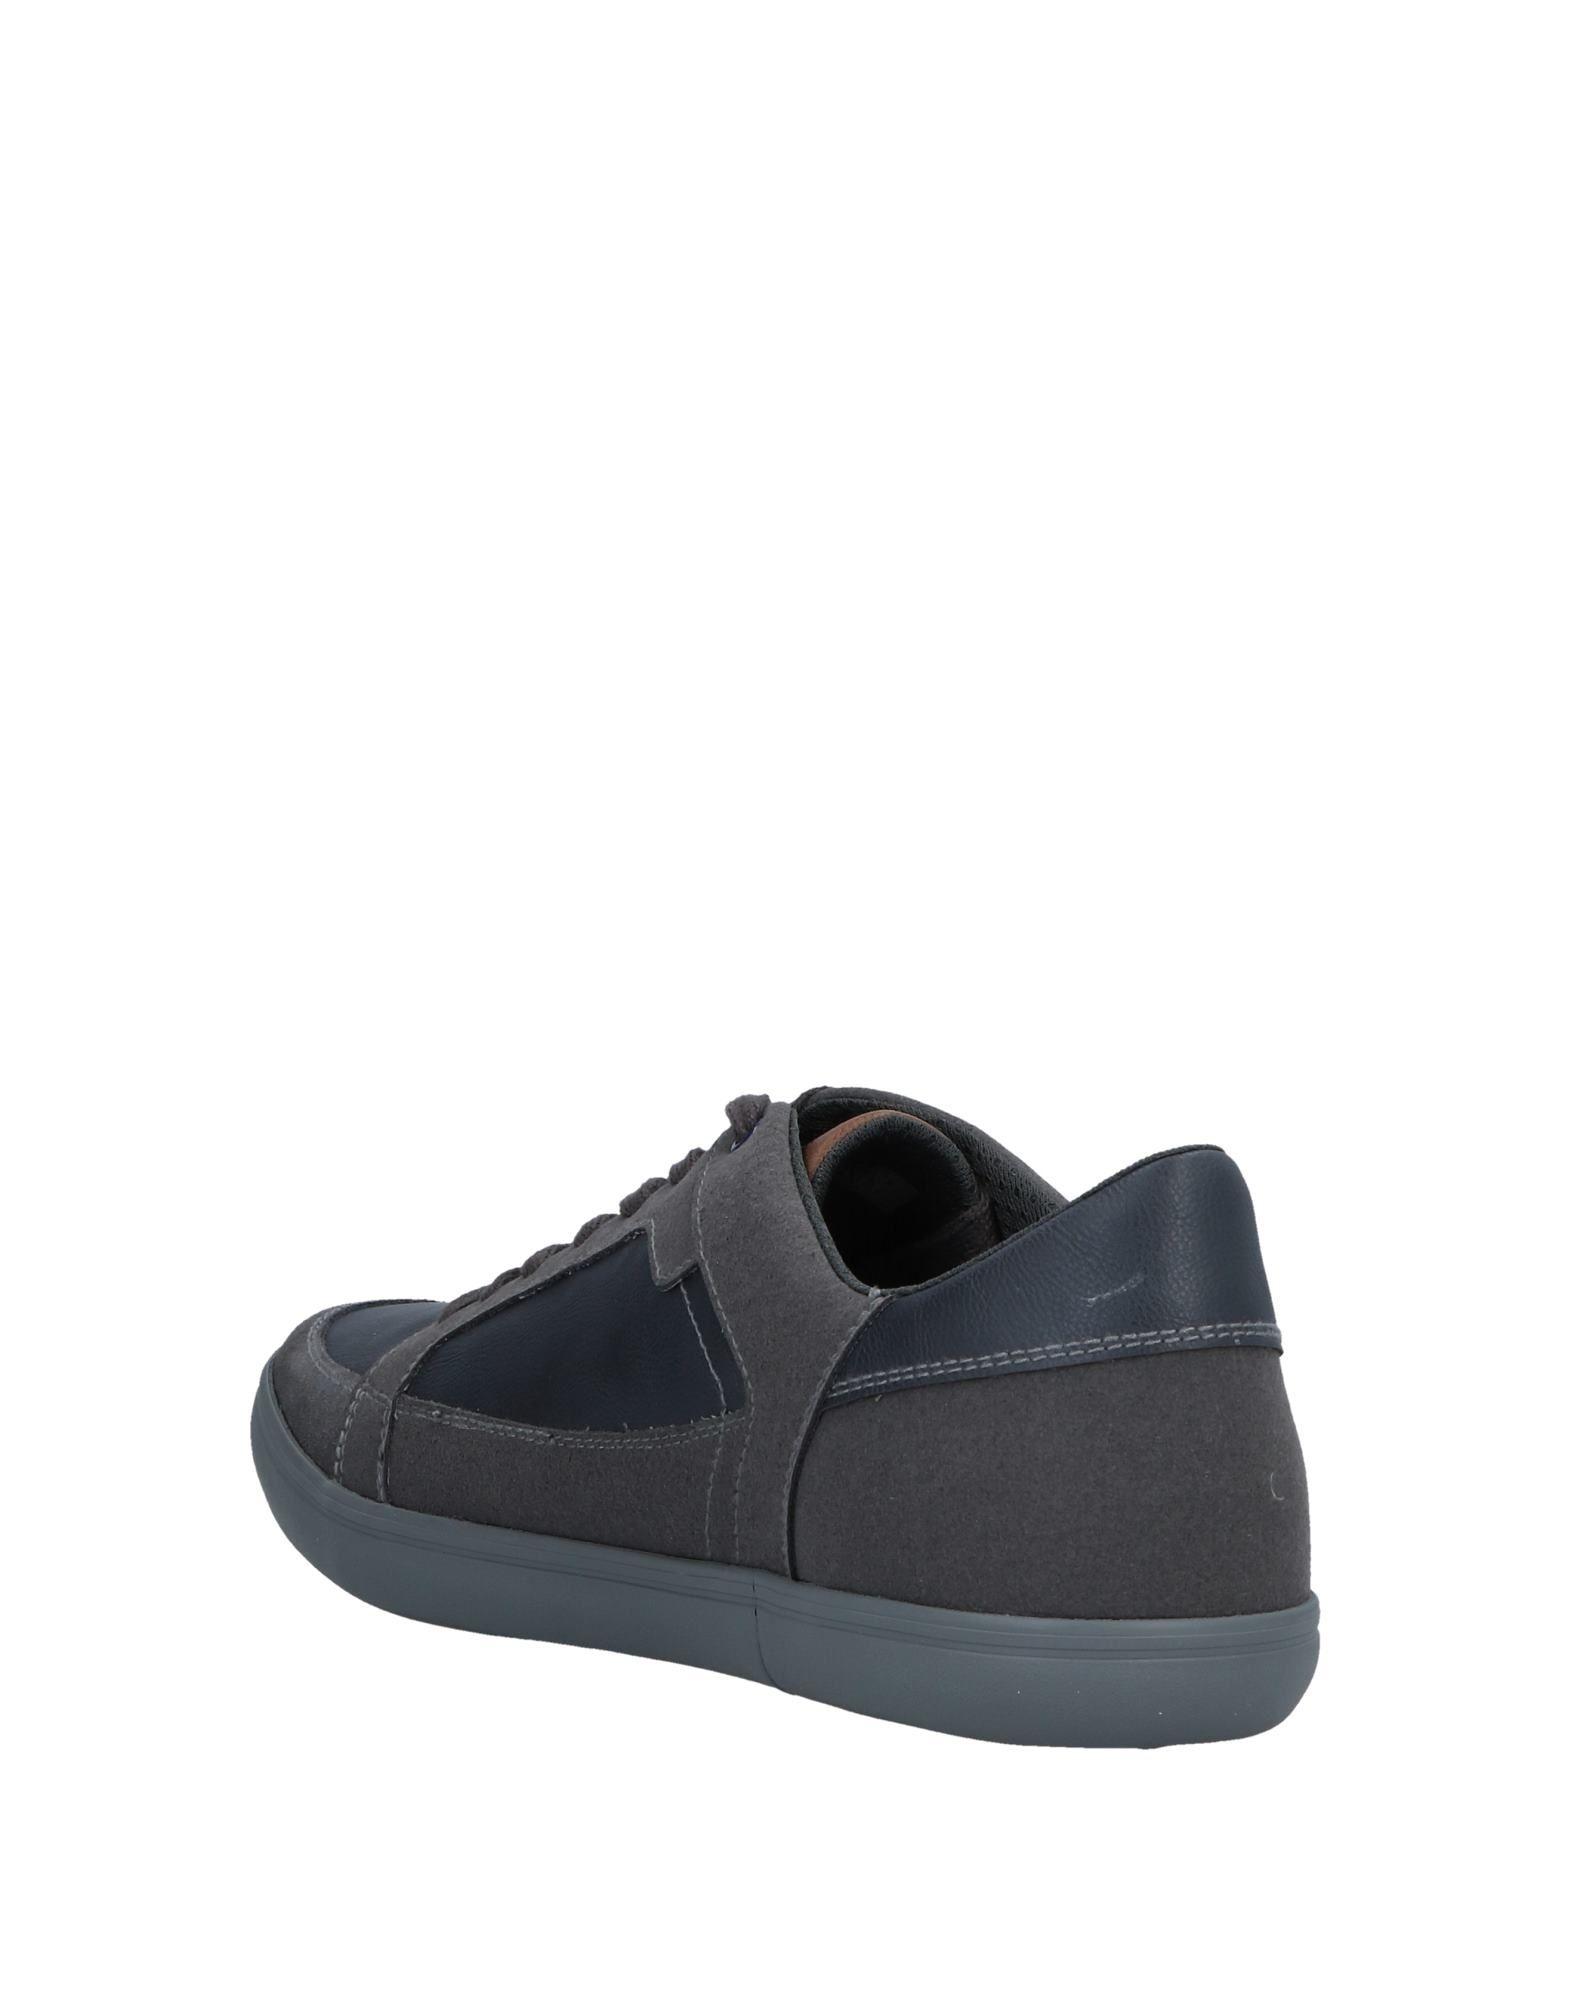 11539480CT Geox Sneakers Herren  11539480CT  Heiße Schuhe 725645